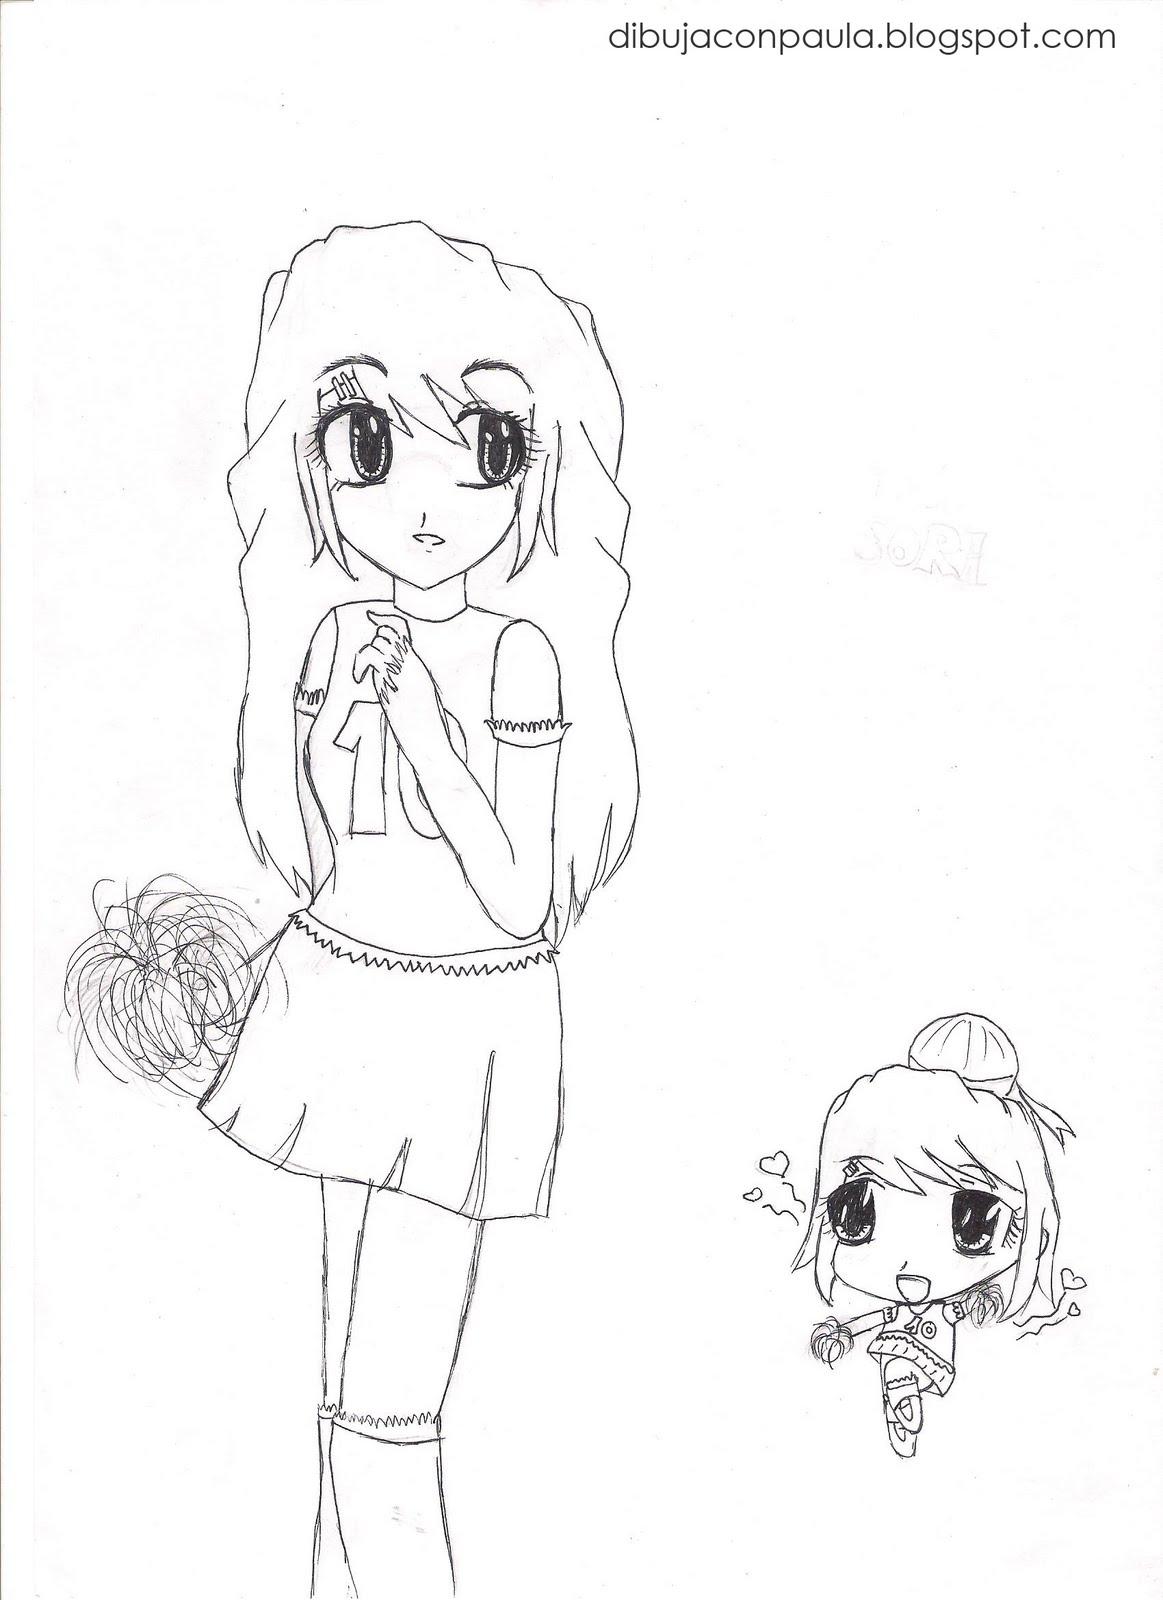 Dibuja con Paula: Animadora para colorear